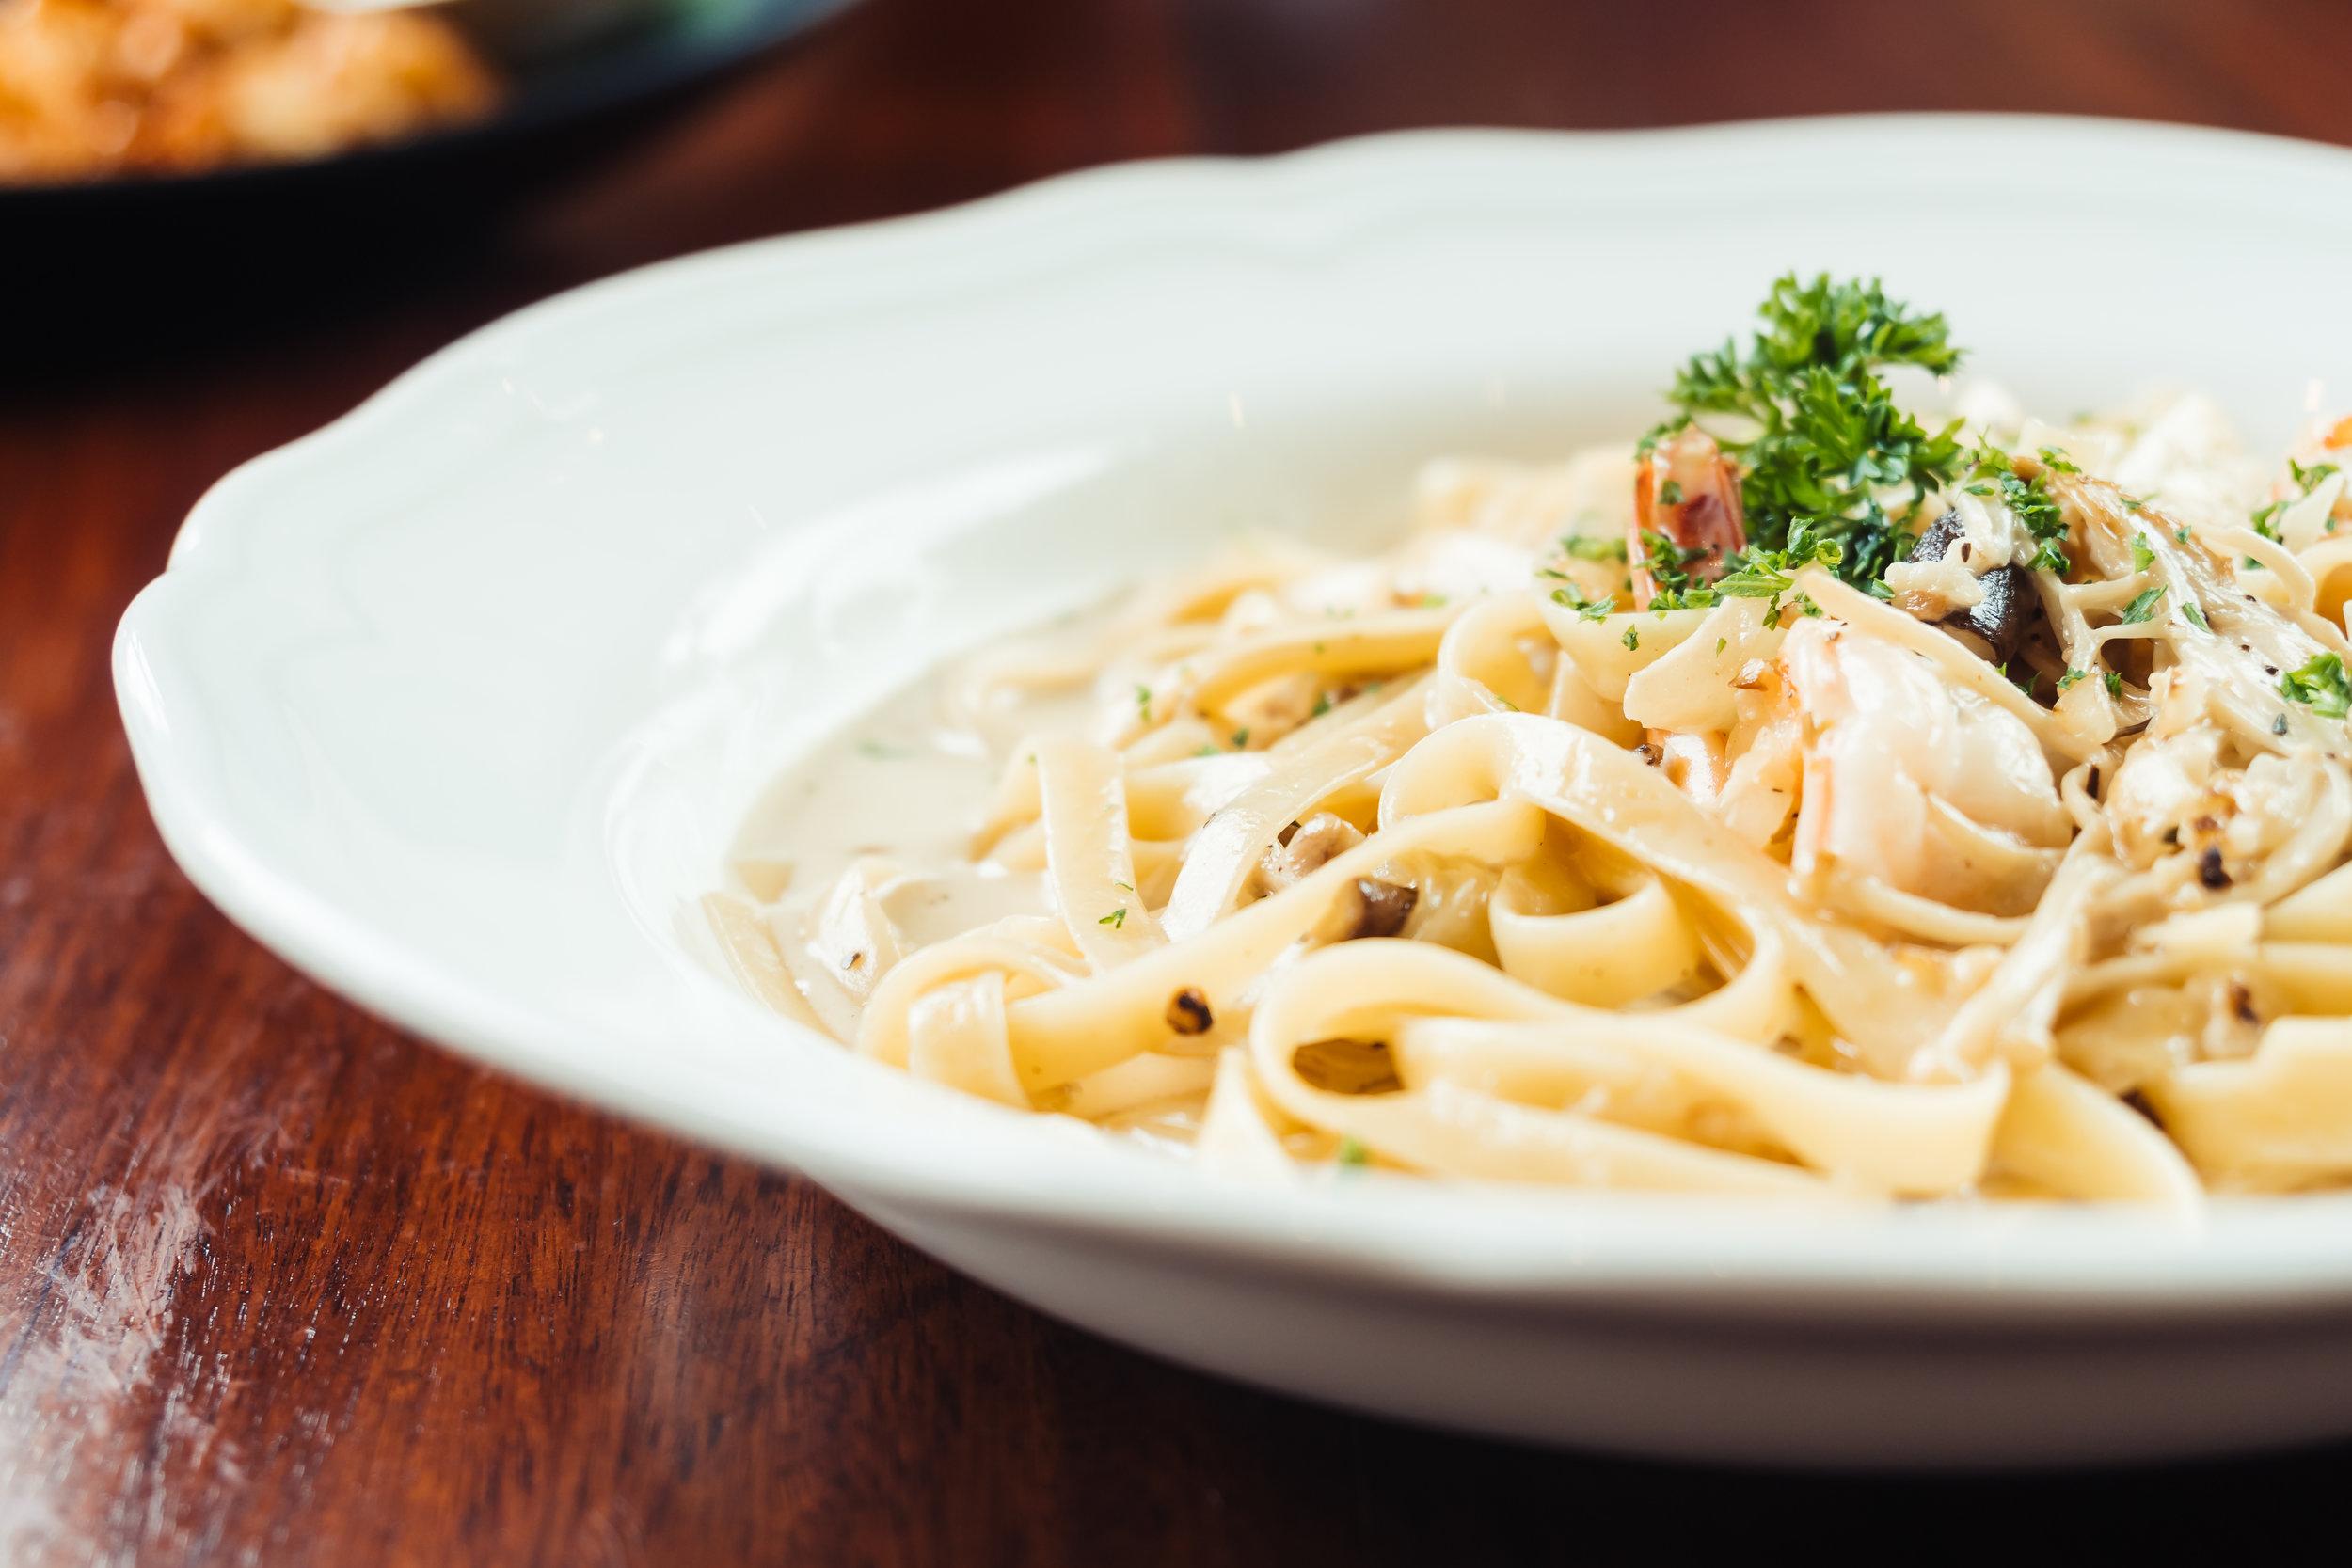 fettucine-white-cream-sauce-with-shrimp-mushroom.jpg